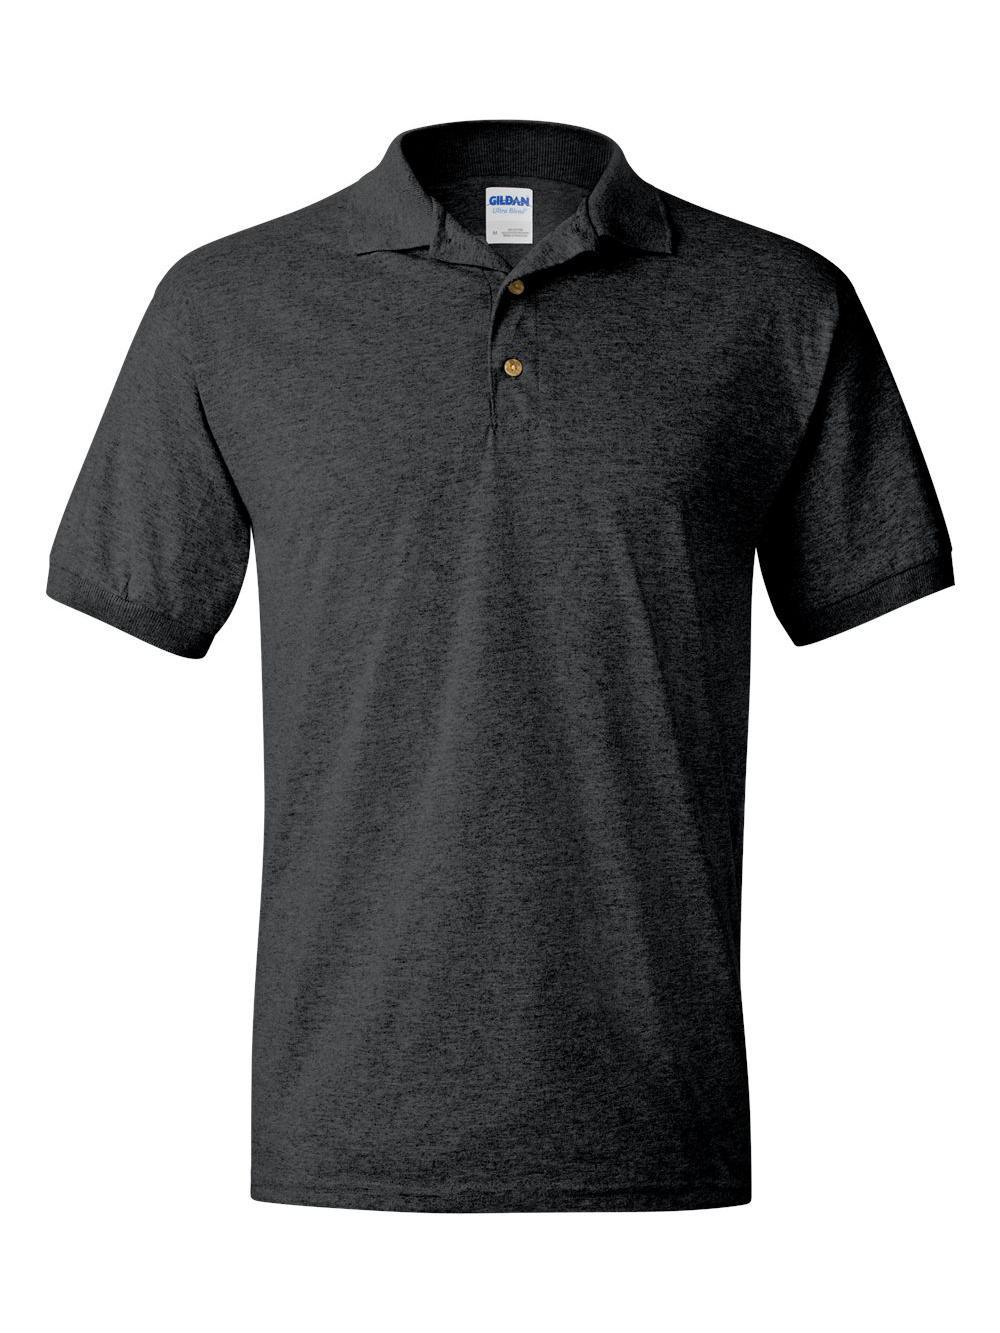 Gildan-DryBlend-Jersey-Sport-Shirt-8800 thumbnail 12